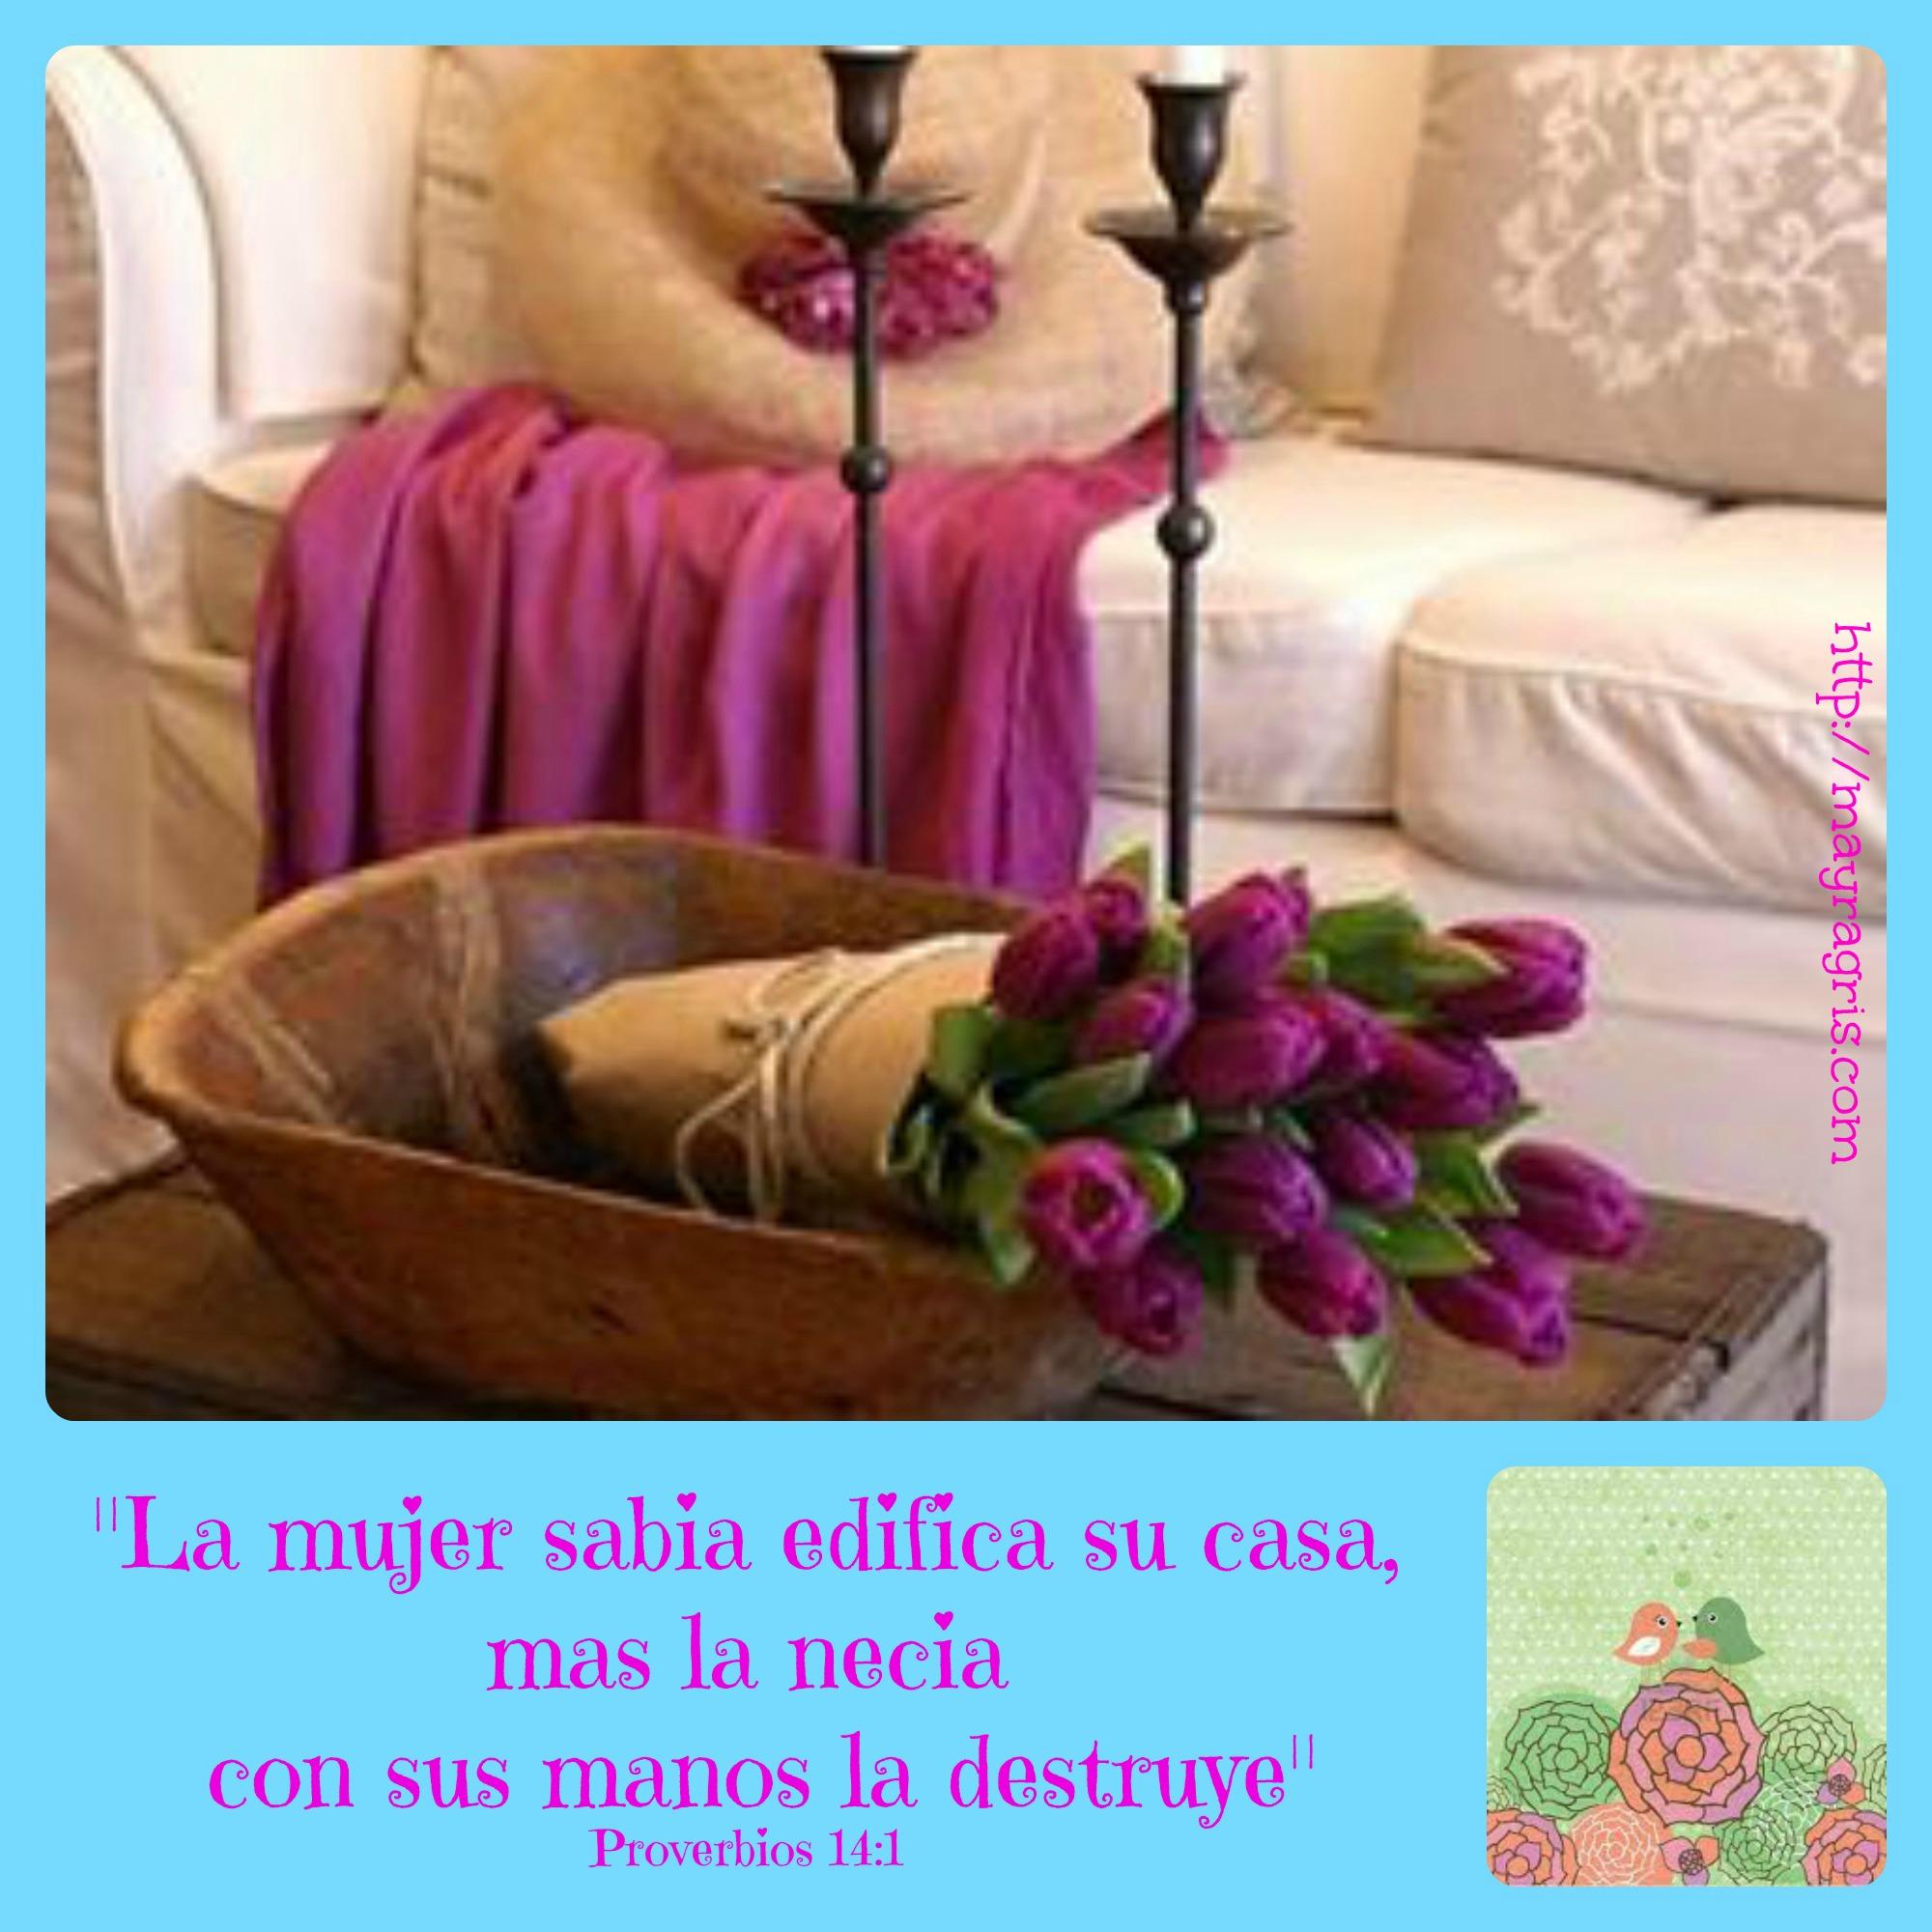 Bosquejos Biblicos Una Mujer Que Edifica Su Hogar   apexwallpapers.com